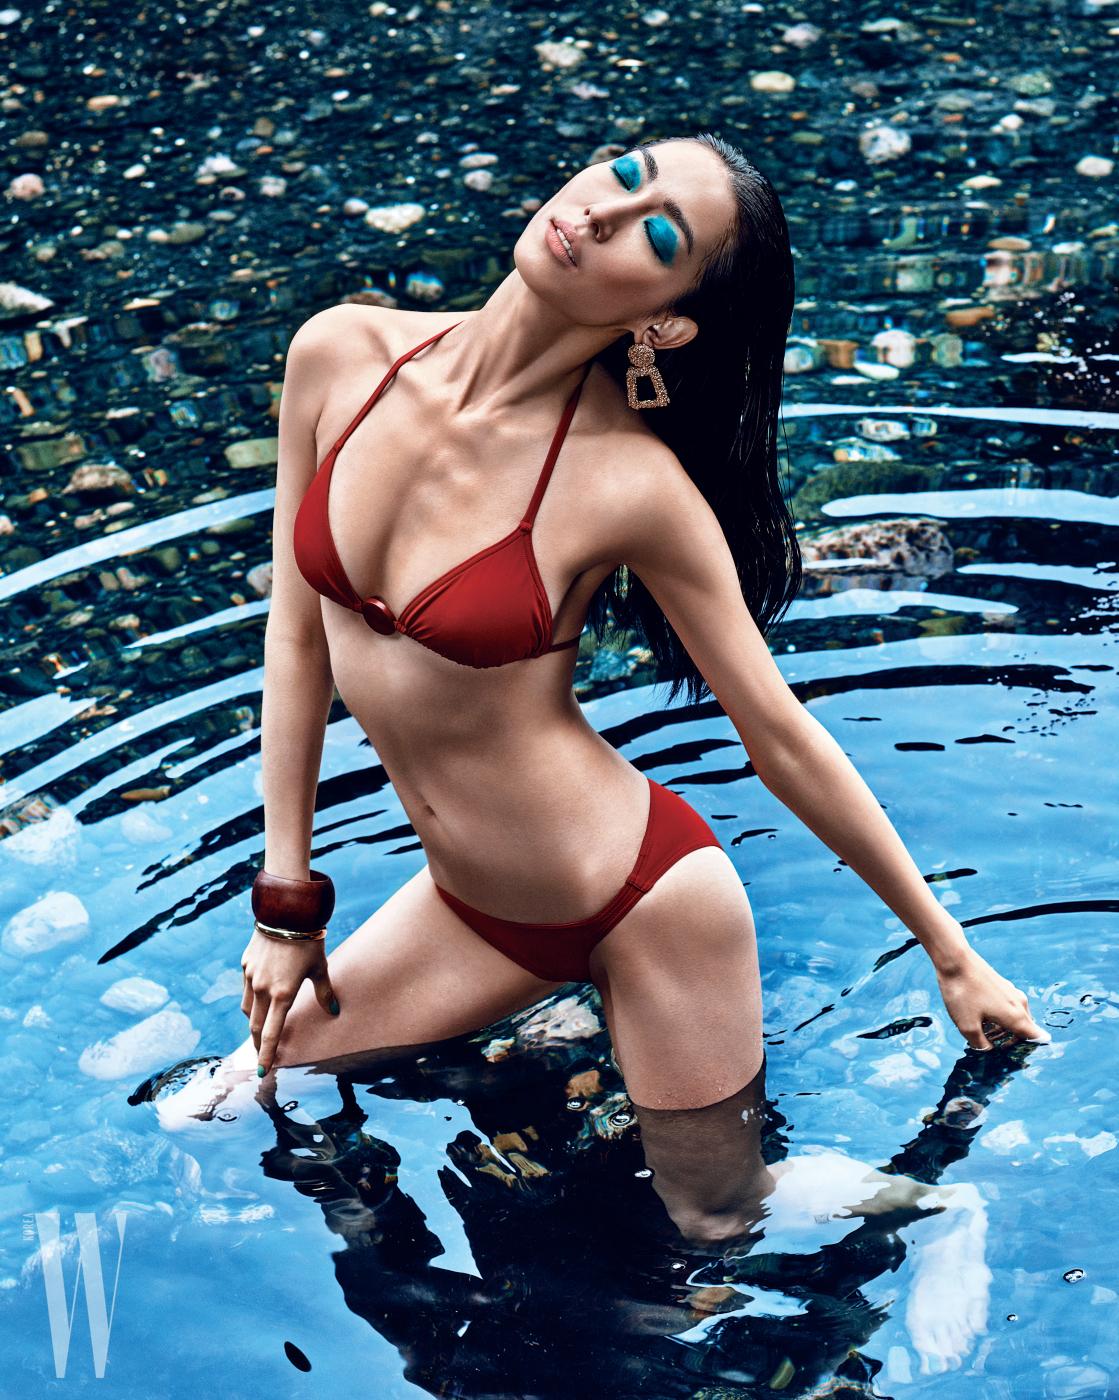 붉은색 비키니 수영복은 에르메스, 골드 귀고리는 자라, 뱅글은 에치엔앰 제품.